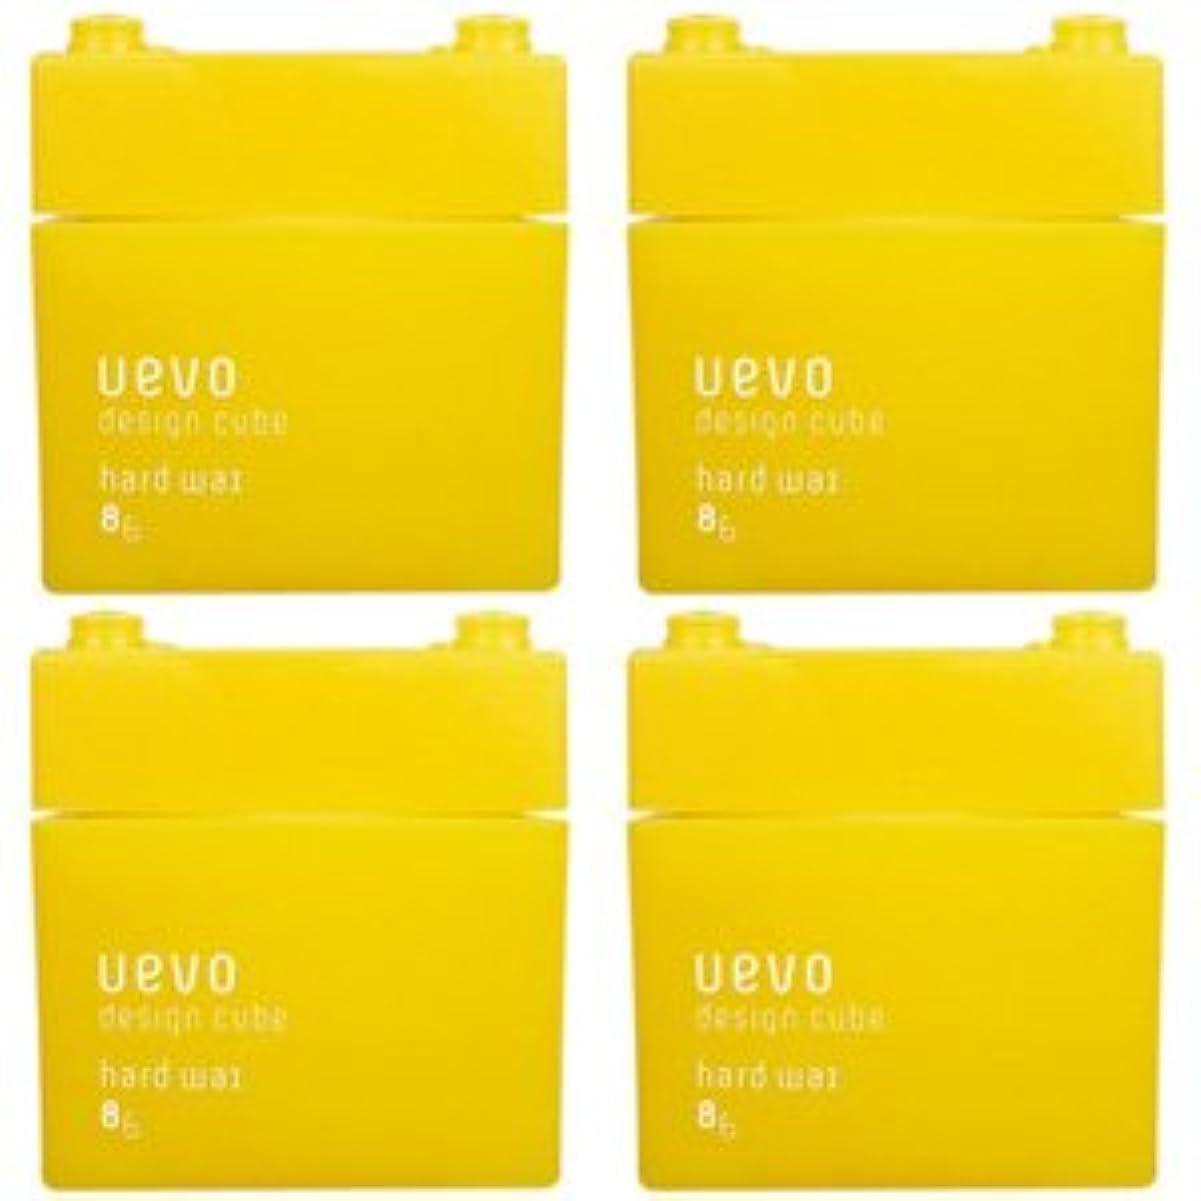 プロトタイプしばしば期待して【X4個セット】 デミ ウェーボ デザインキューブ ハードワックス 80g hard wax DEMI uevo design cube